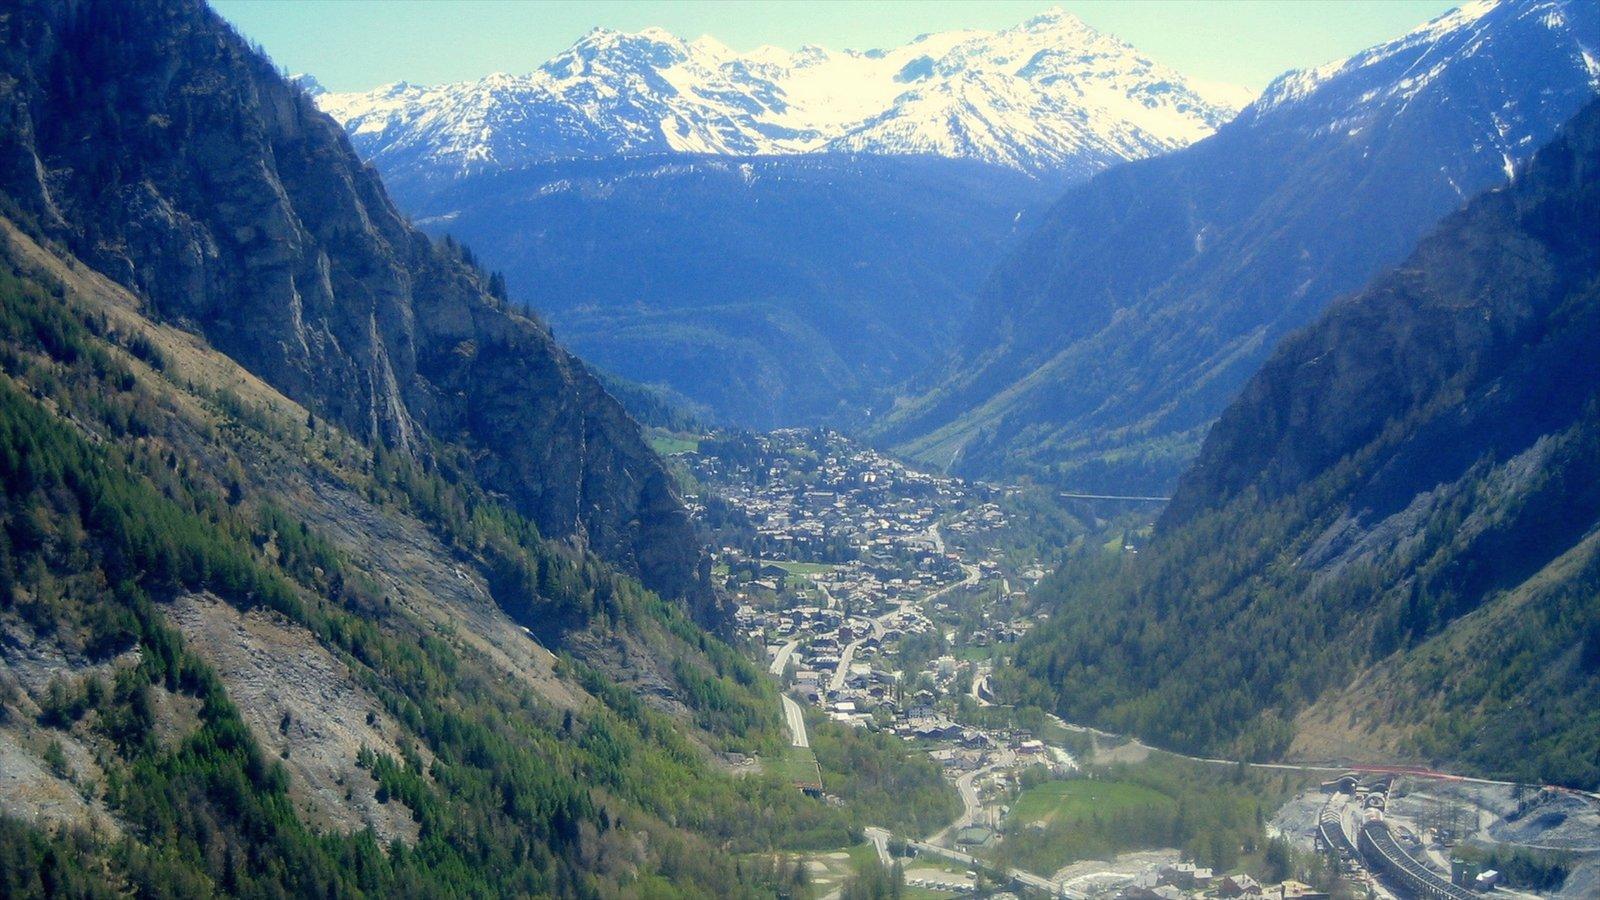 Courmayeur ofreciendo vistas de paisajes, montañas y una pequeña ciudad o pueblo